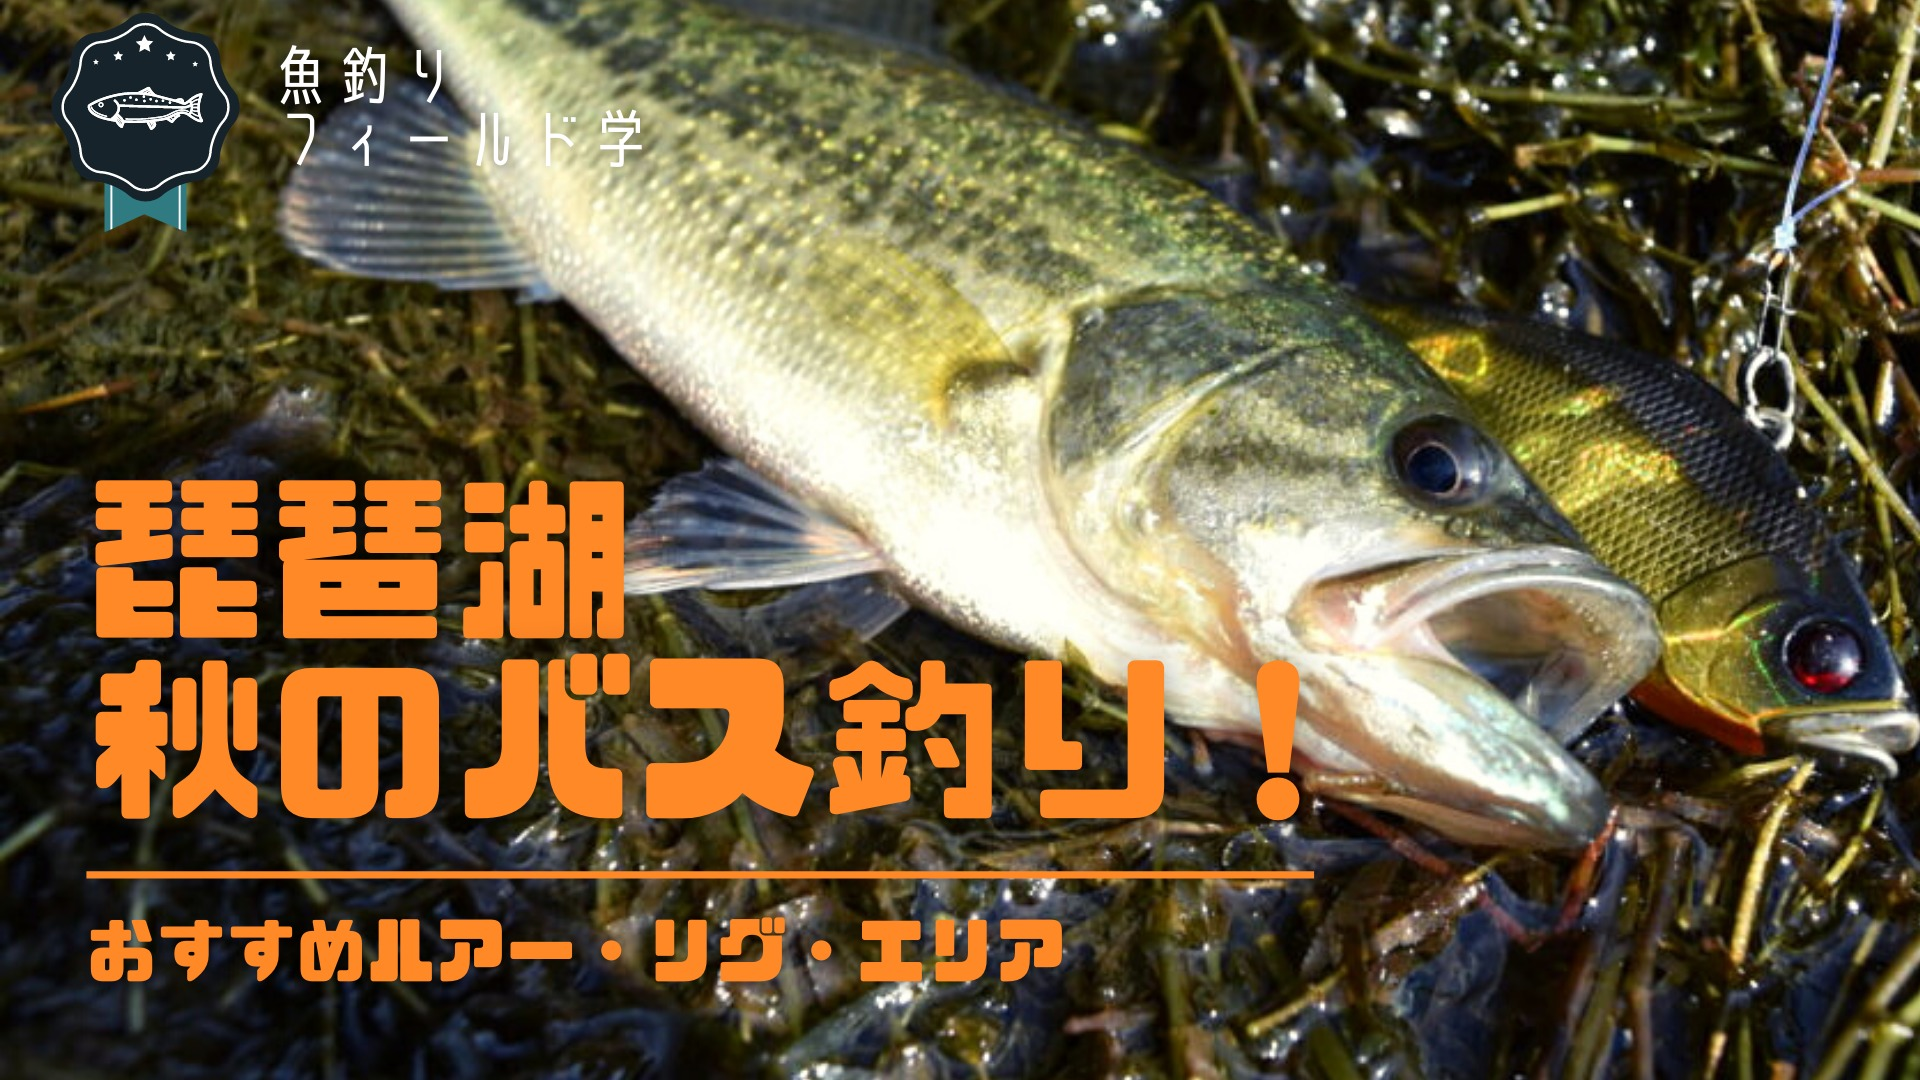 秋のバス釣り琵琶湖おすすめルアー・リグ・エリア_サムネイル